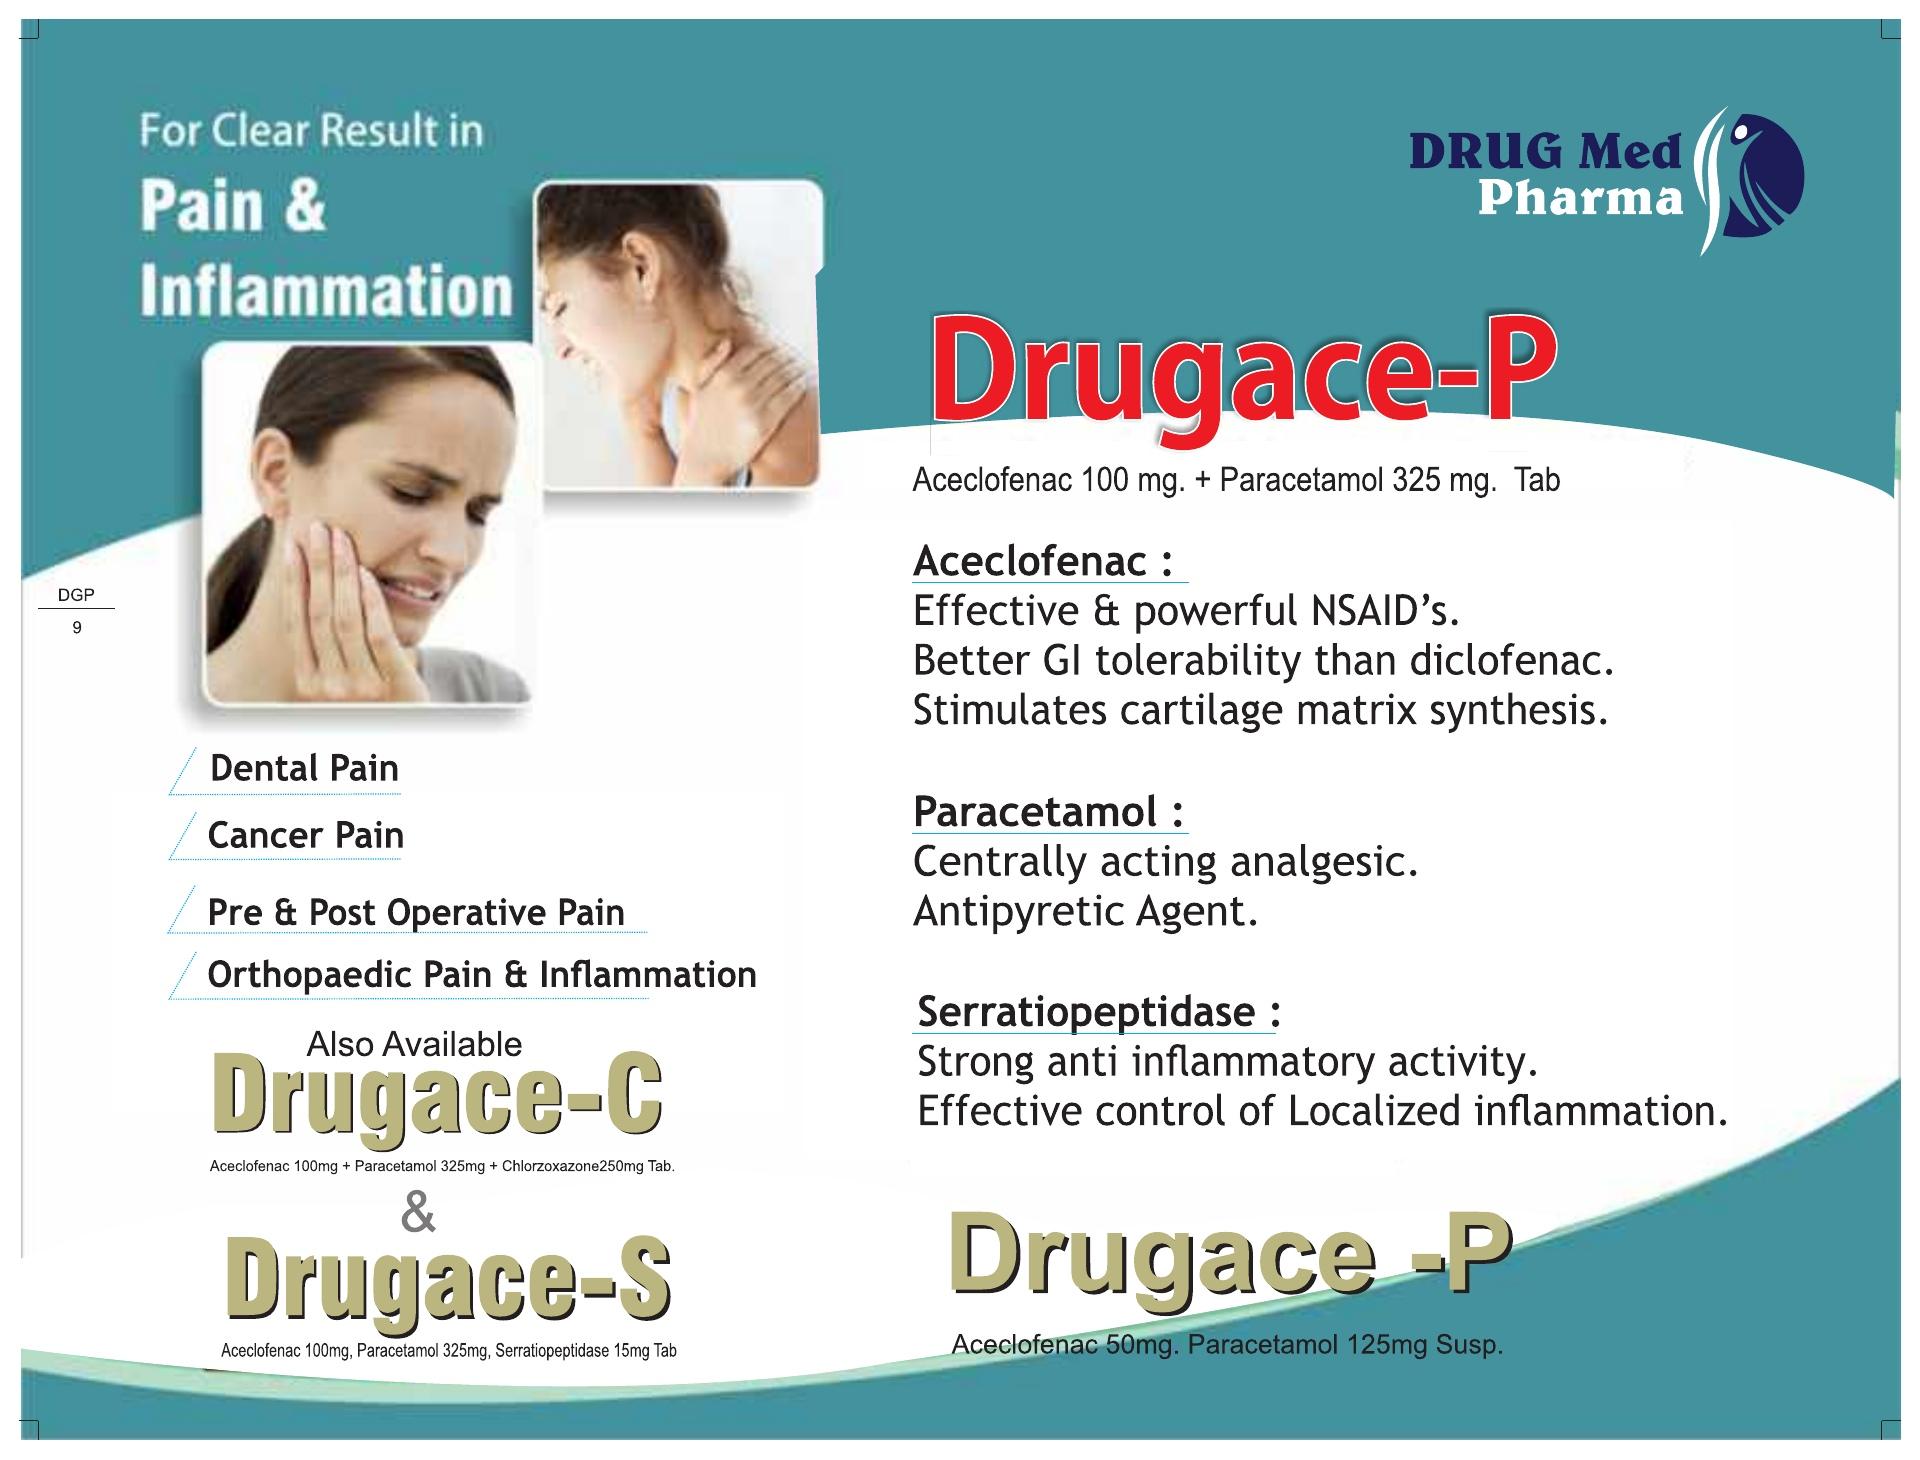 DRUGACE-P